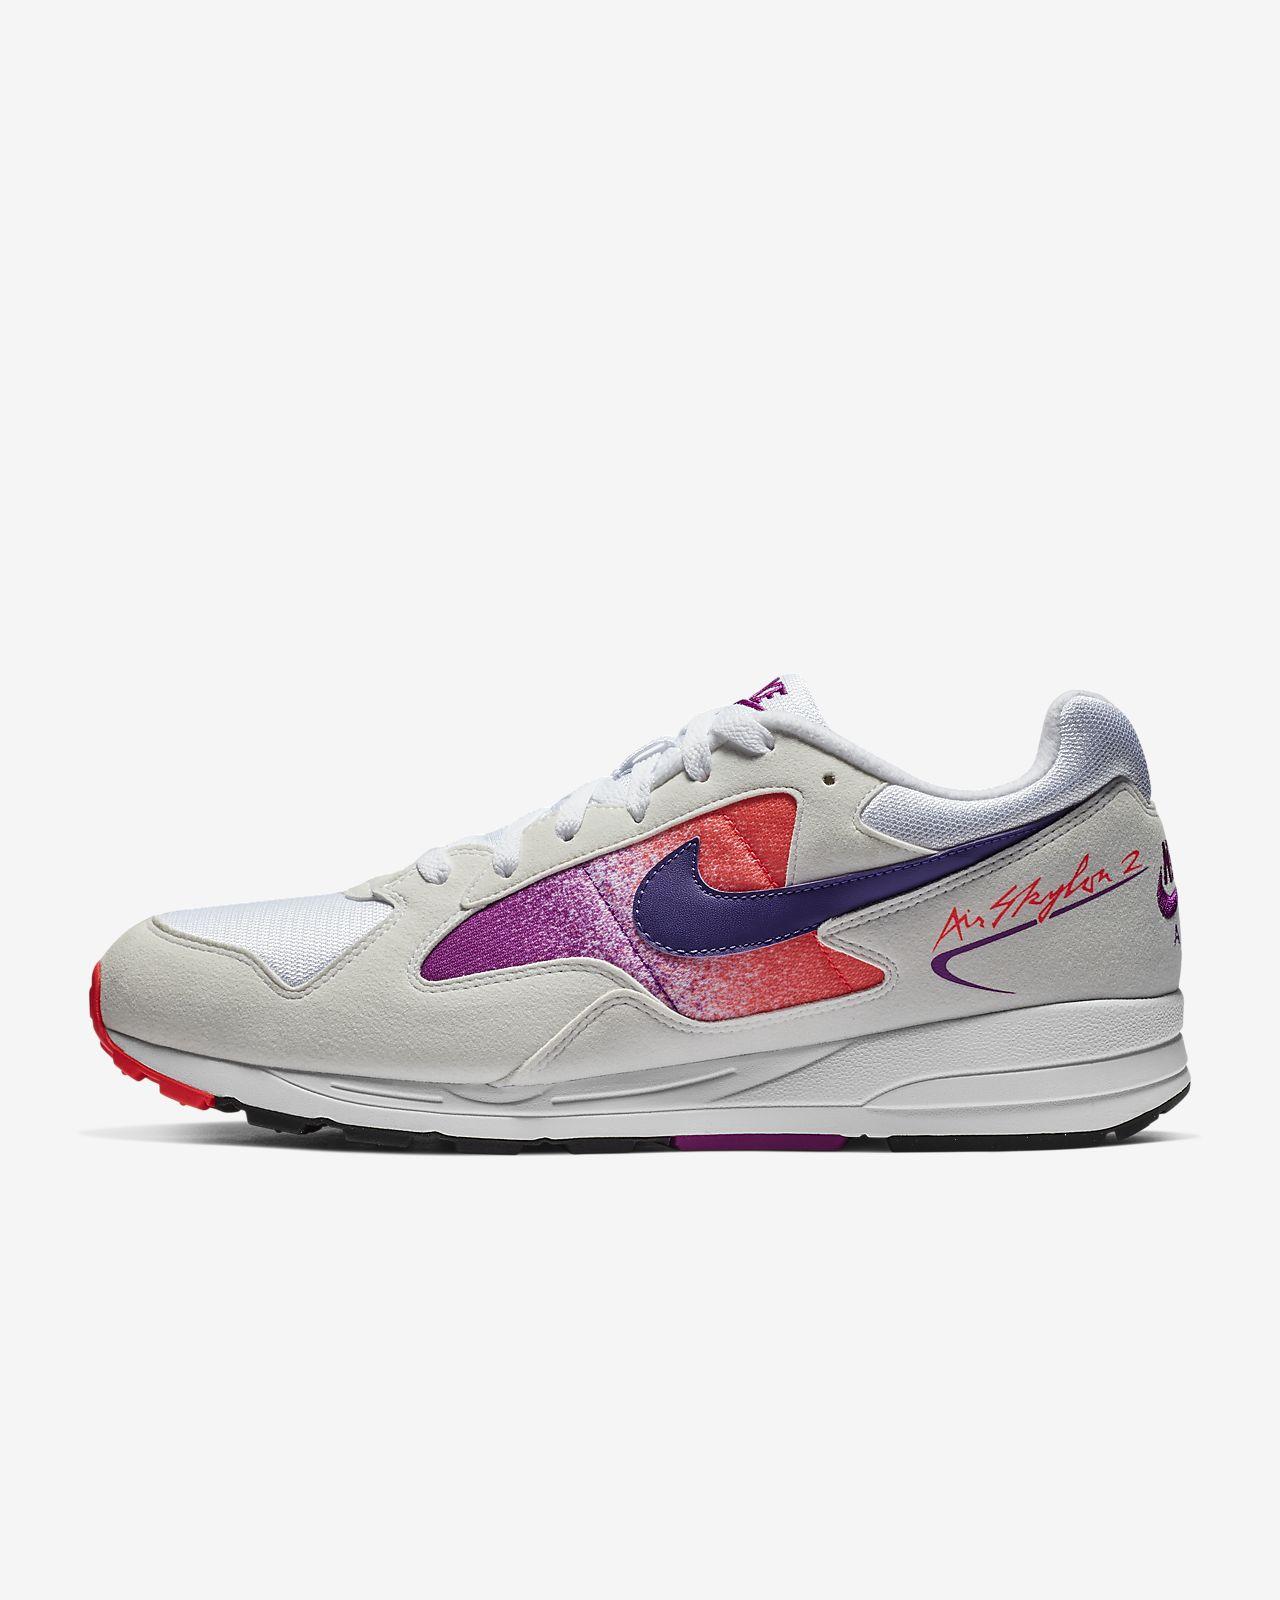 Low Resolution Scarpa Nike Air Skylon II - Uomo Scarpa Nike Air Skylon II -  Uomo 2bfa06c295d